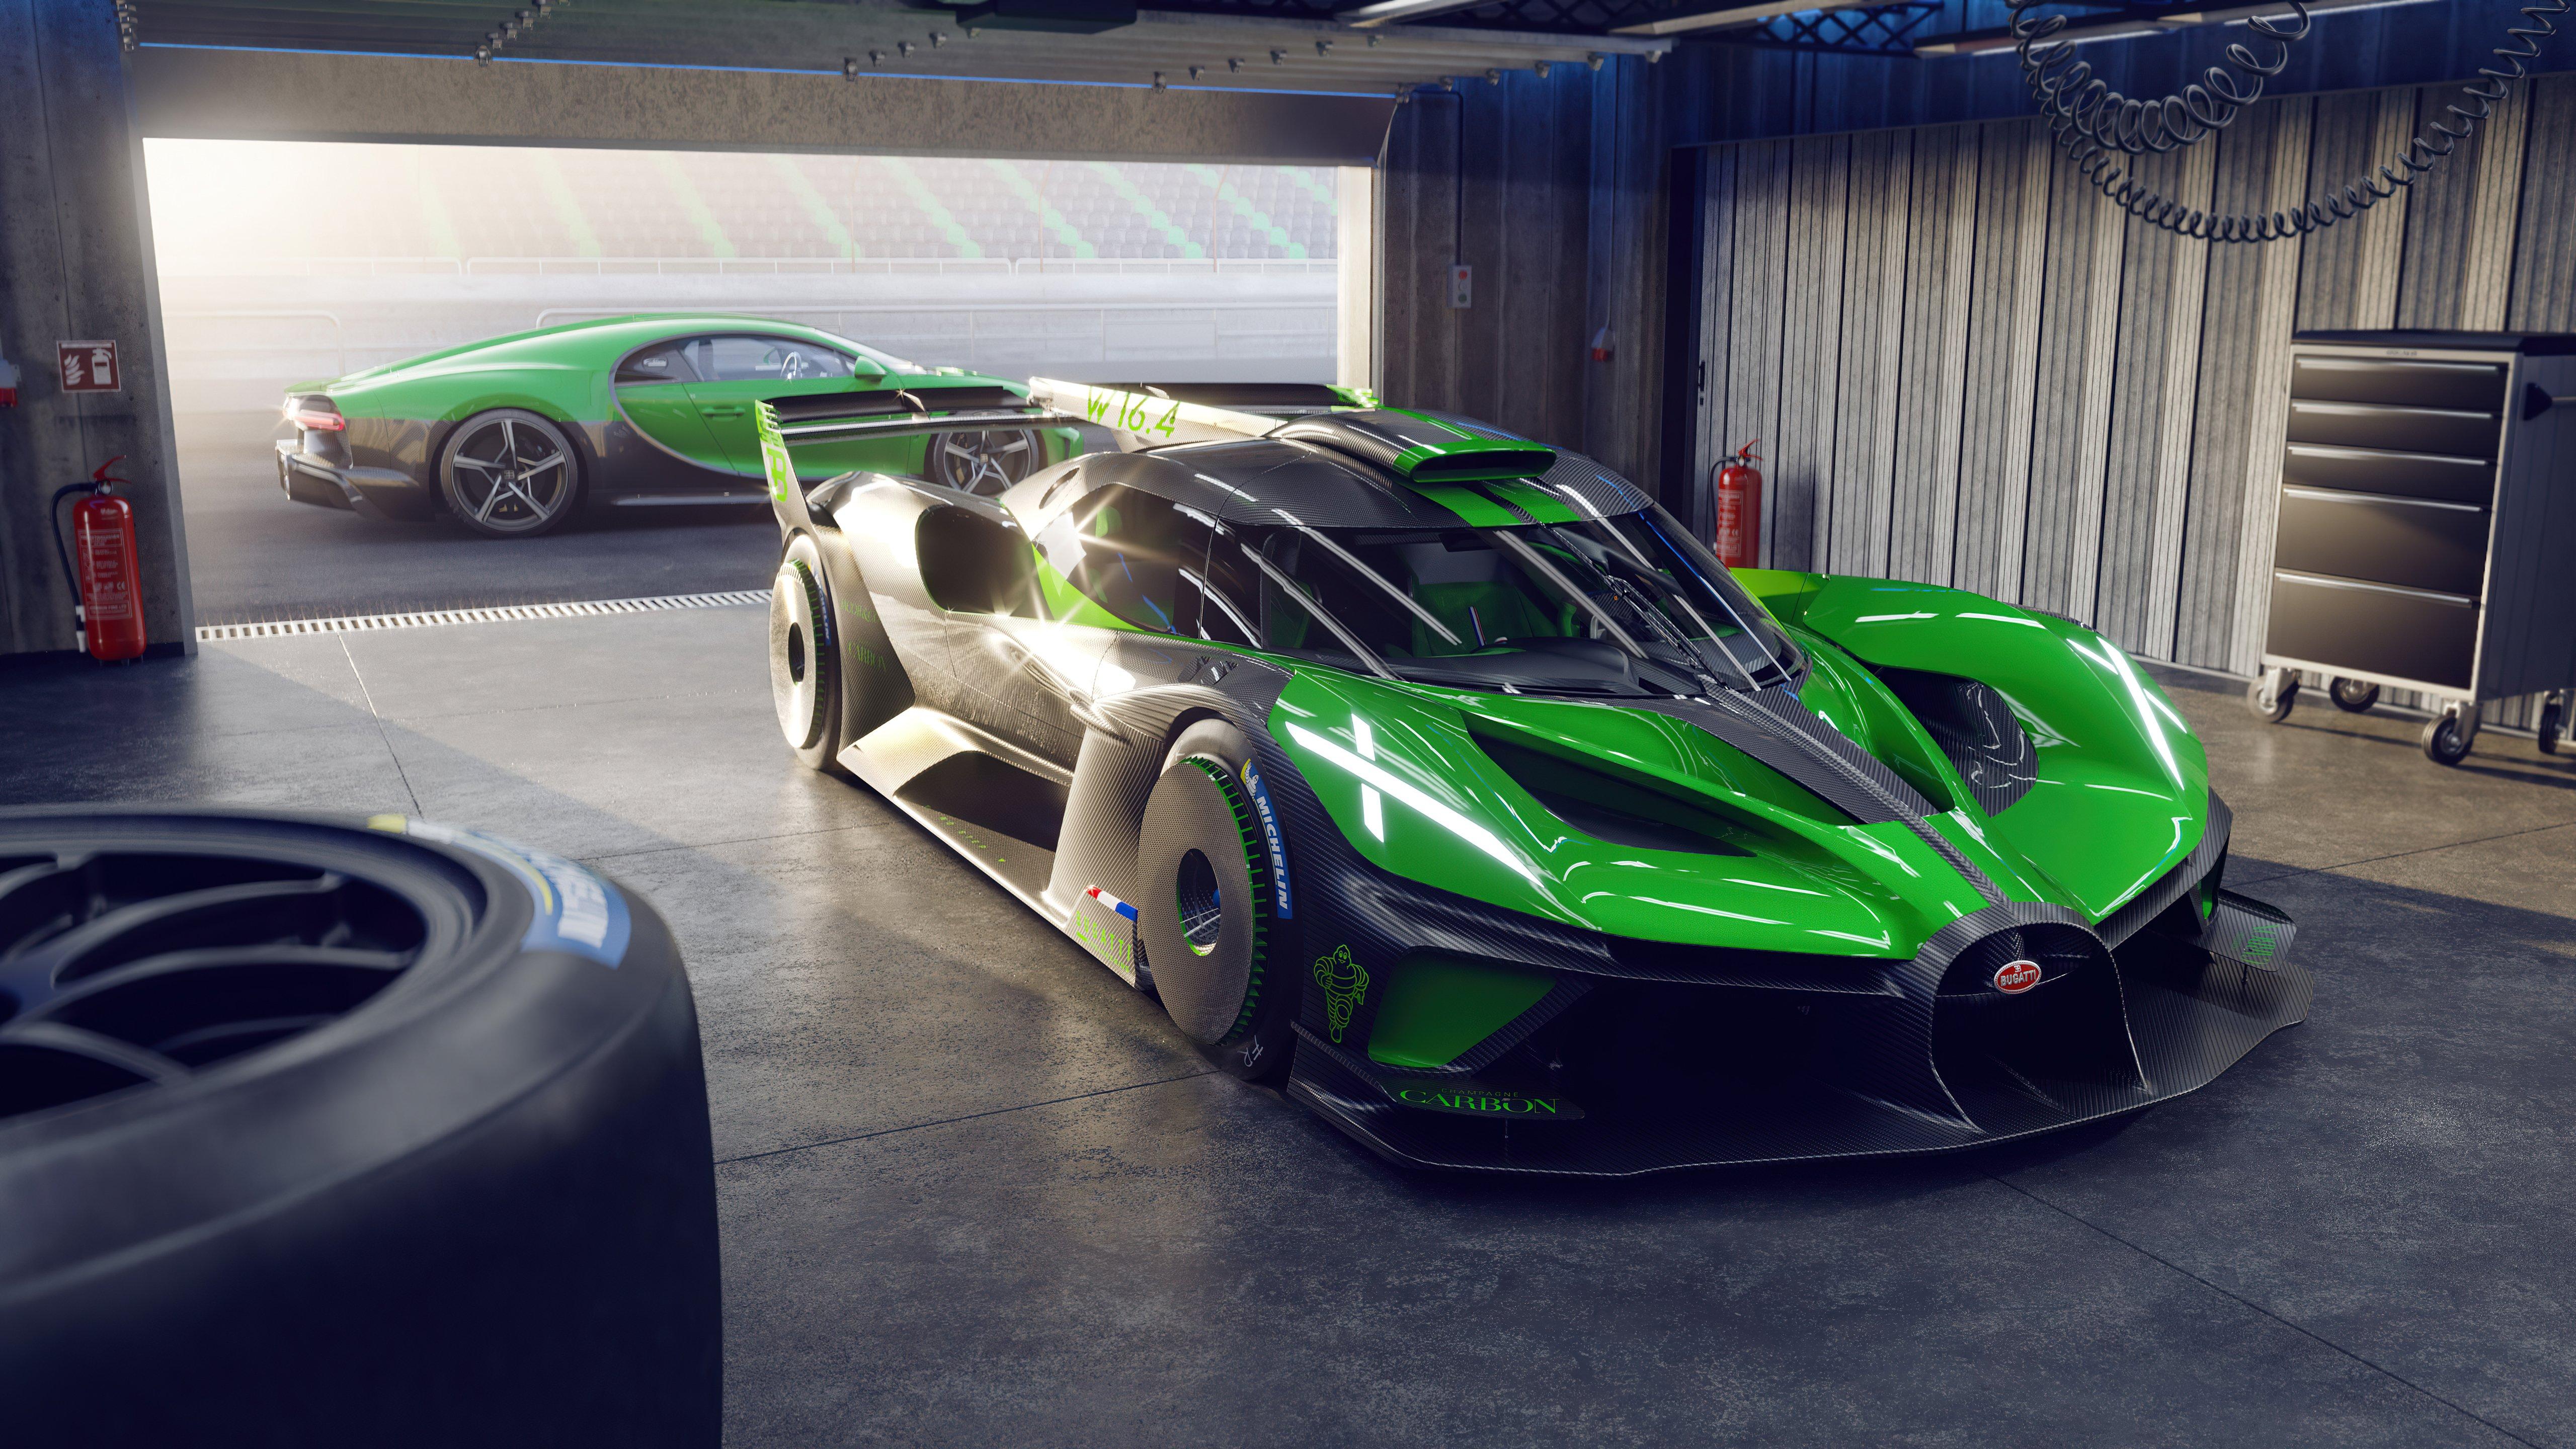 Fondos de pantalla Bugatti Bolide y Bugatti Chiron